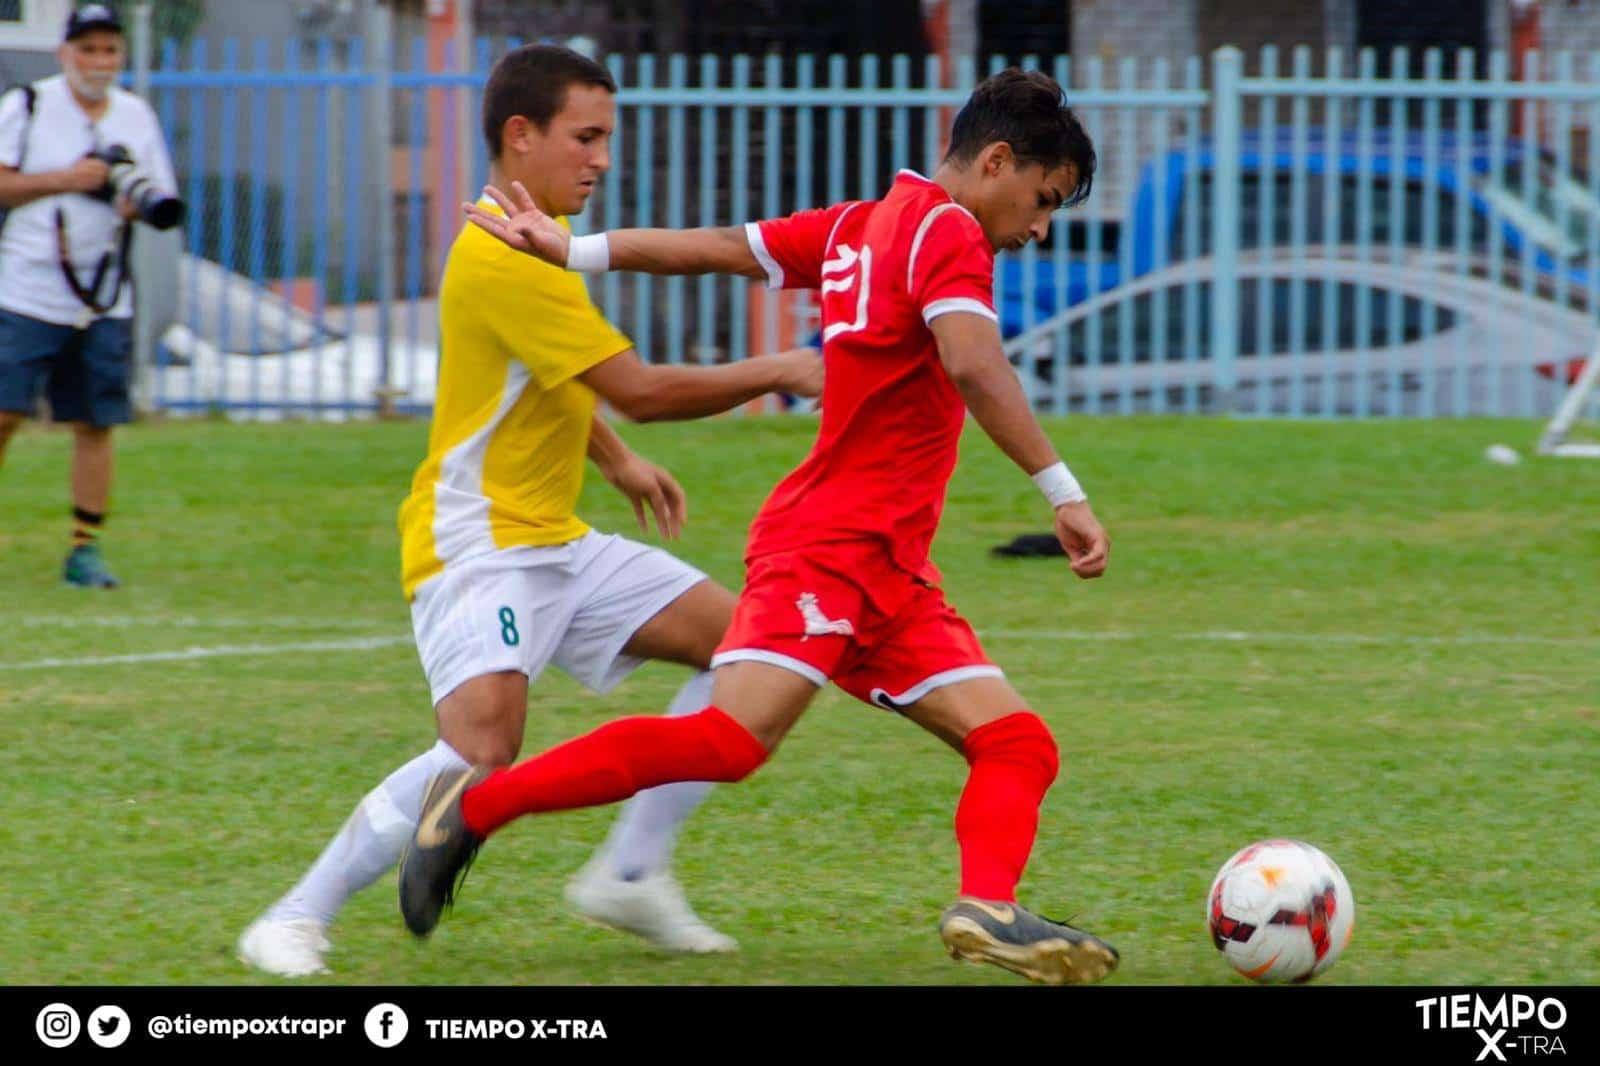 IUPI gana campeonato del fútbol en la LAI